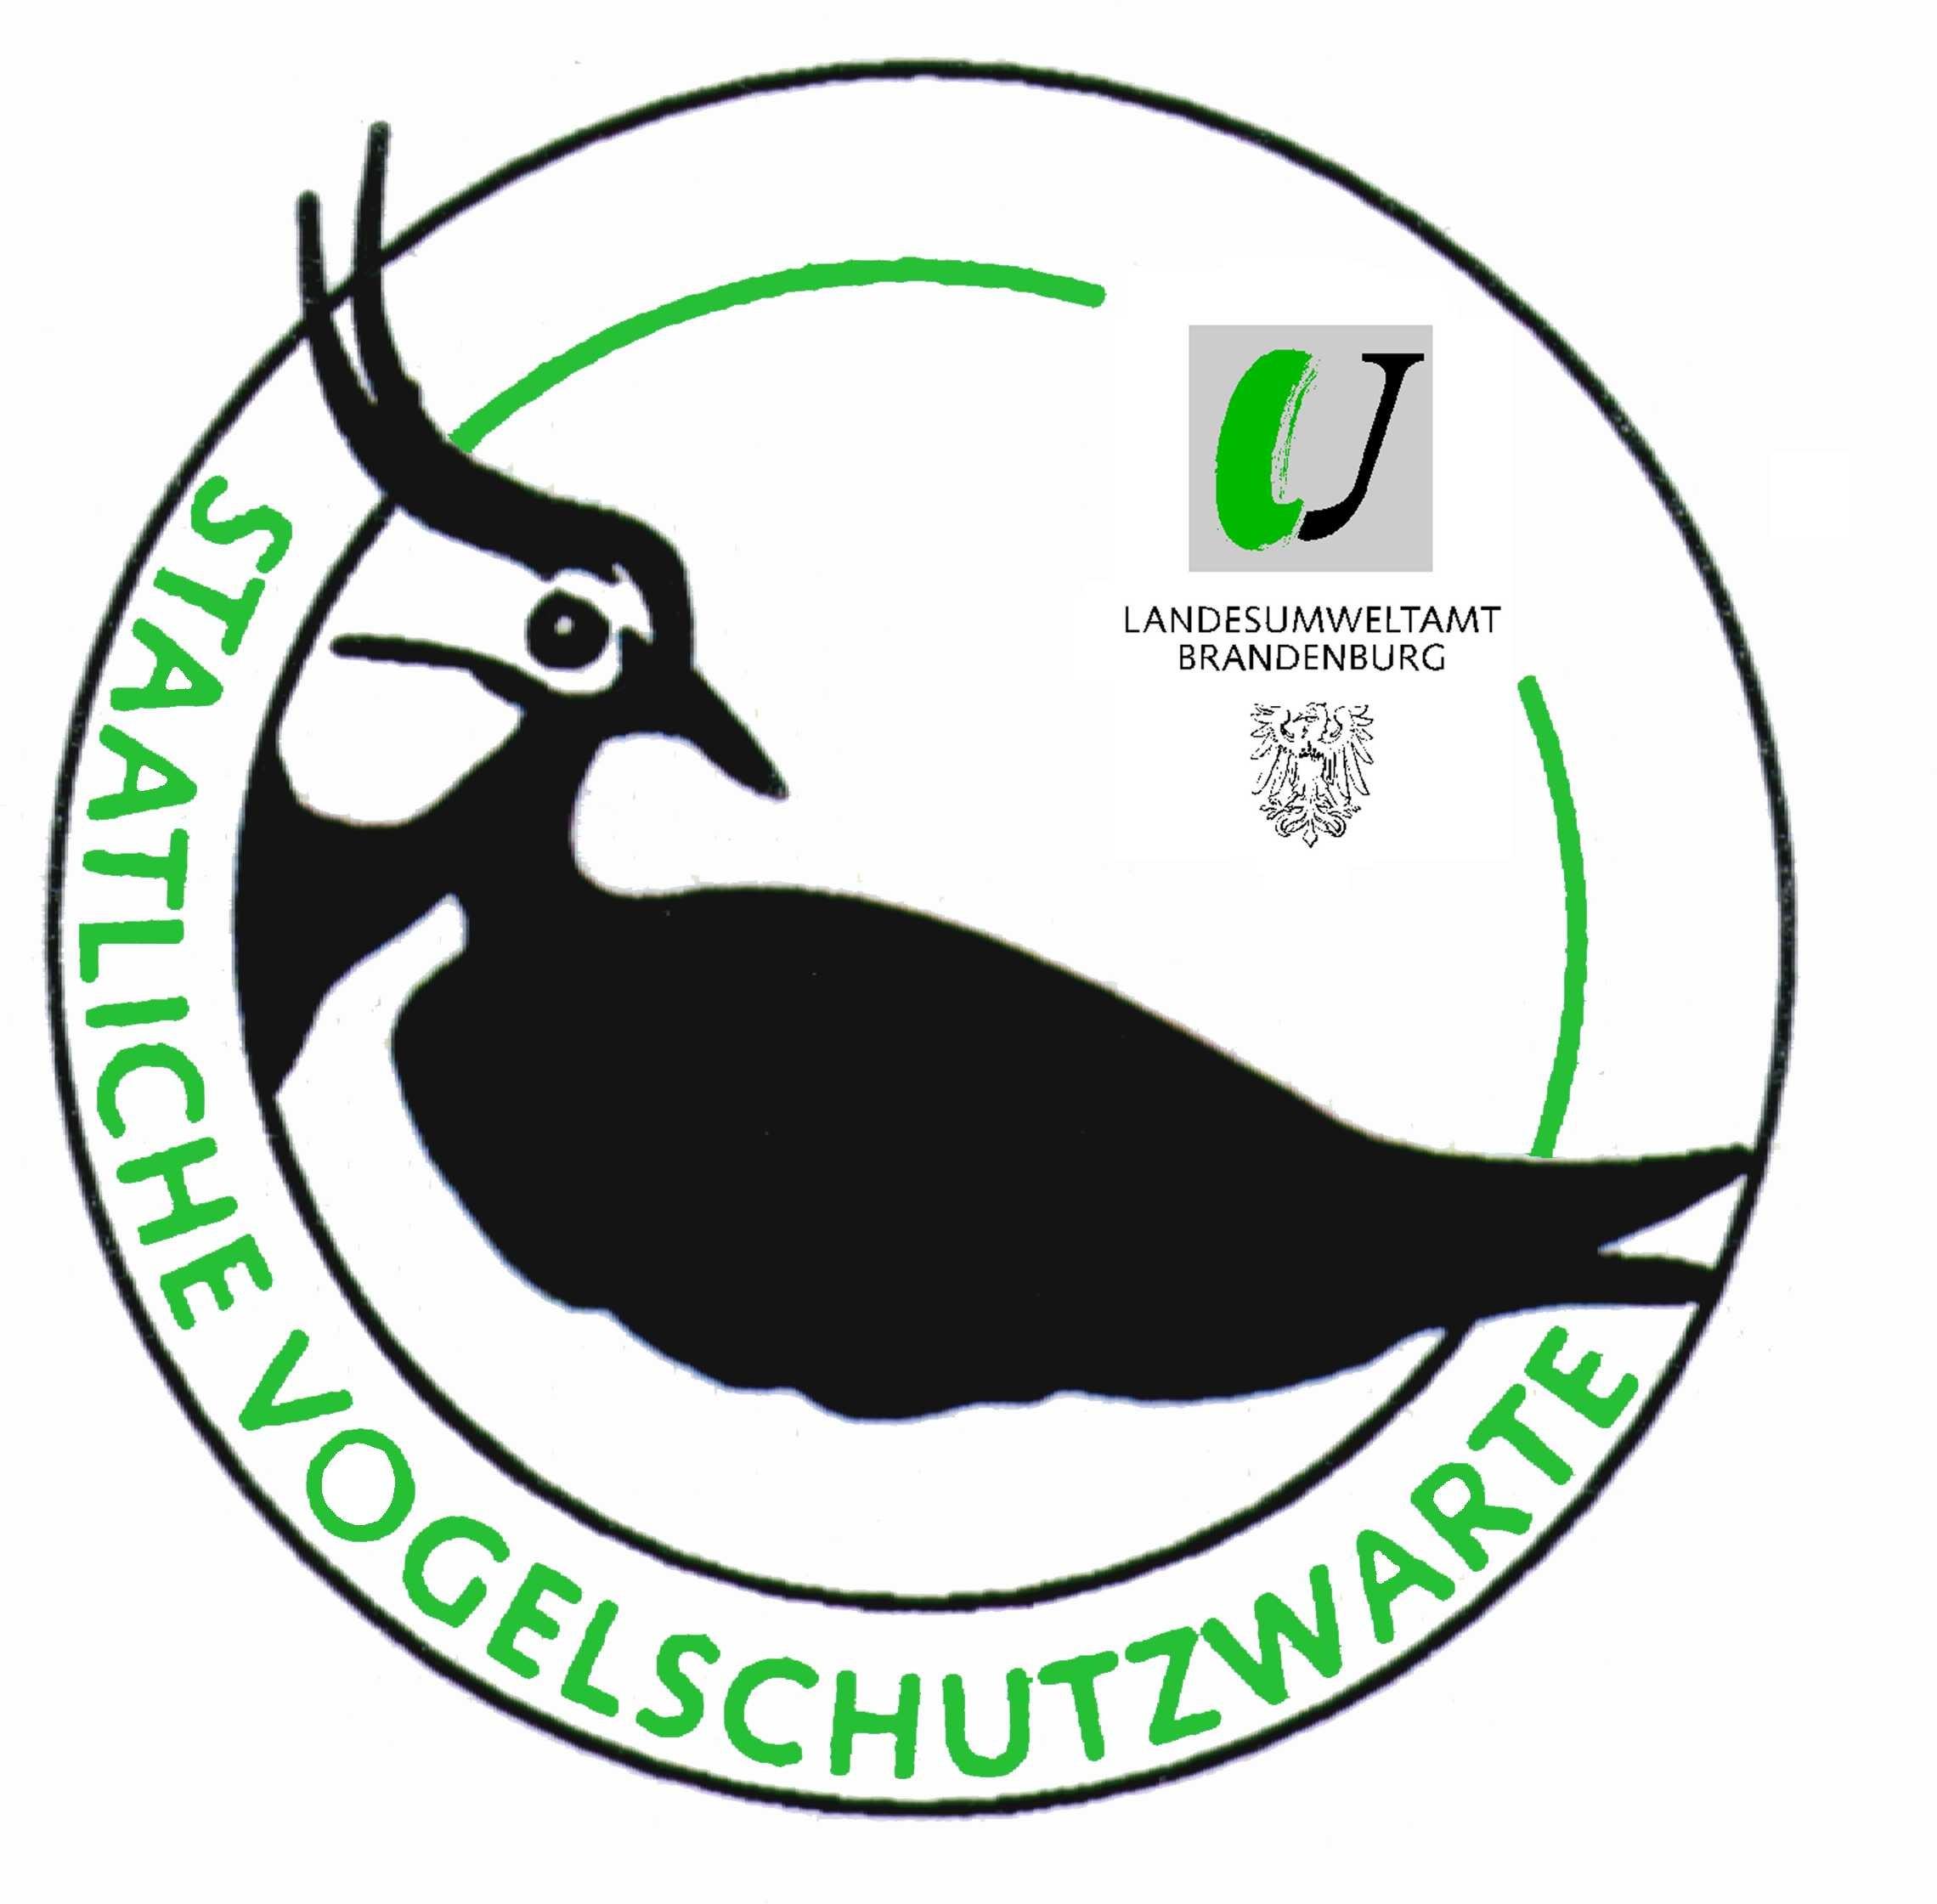 logo_vogelschutzwarte-bb